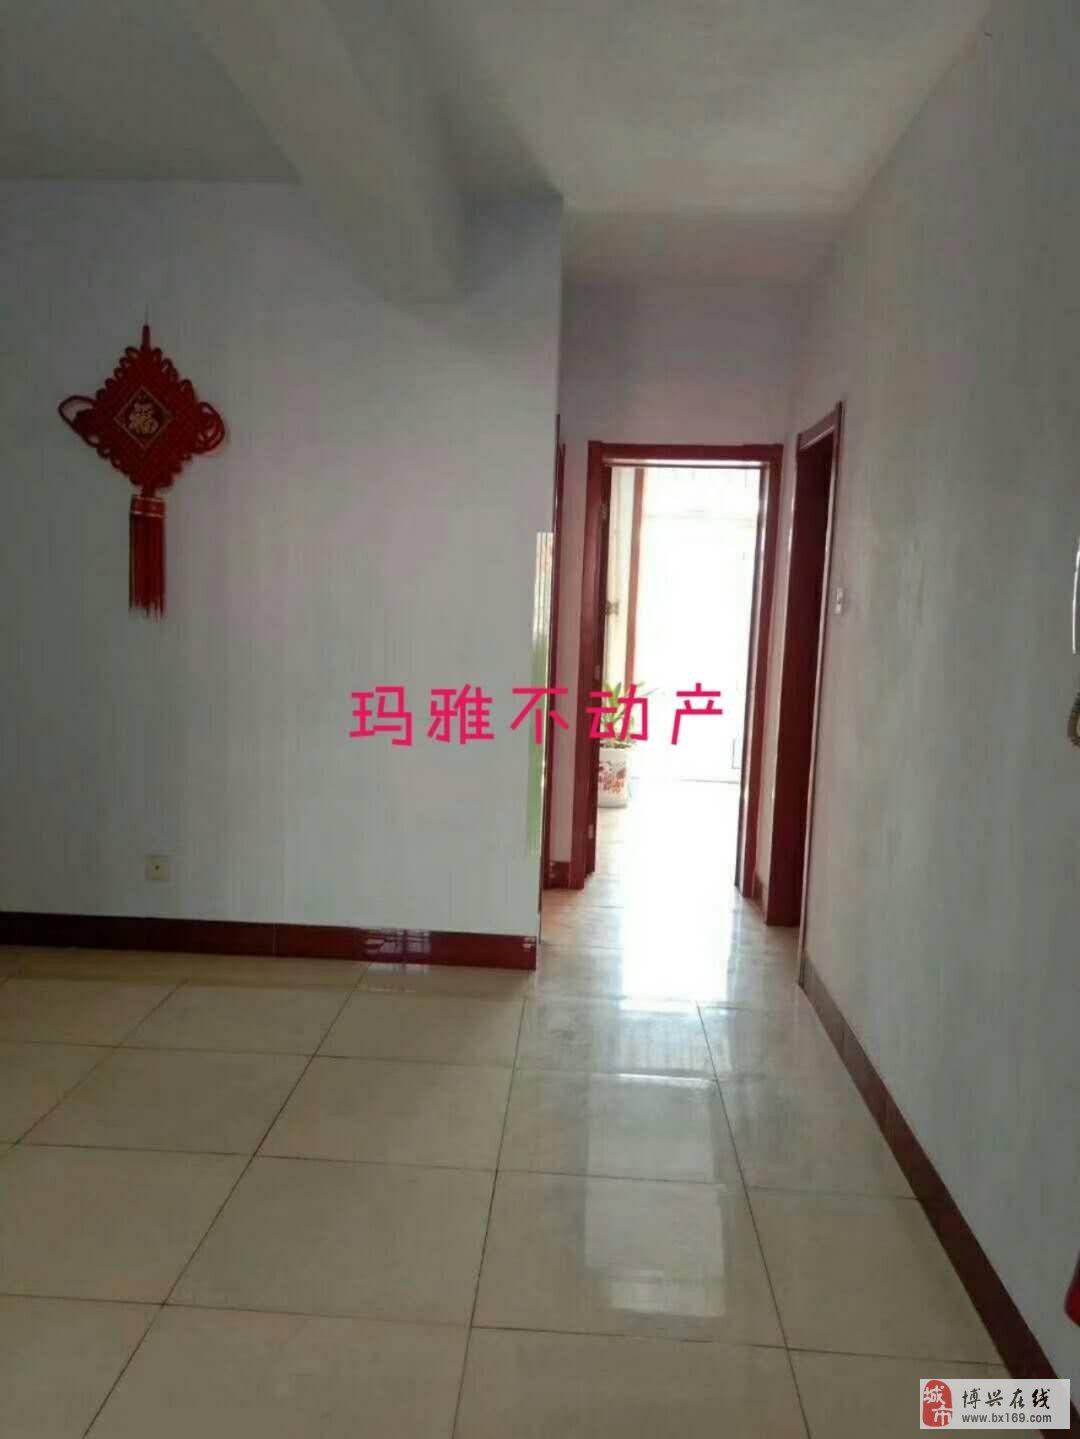 1020世纪明珠花园3室2厅1卫78万元